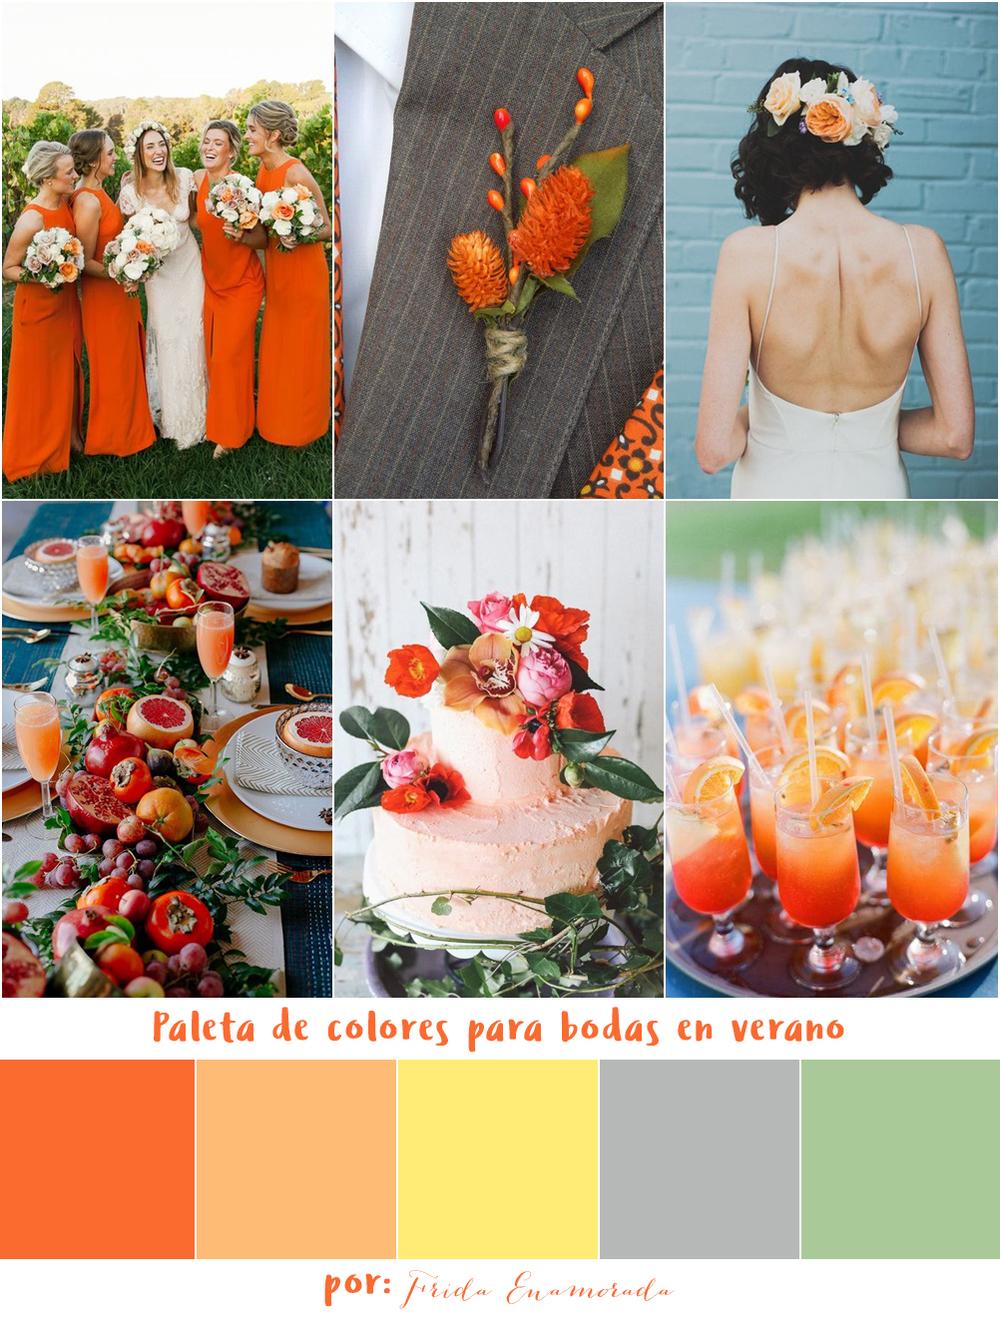 7 Paletas De Colores Para Bodas En Verano Frida Enamorada - Boda-en-verano